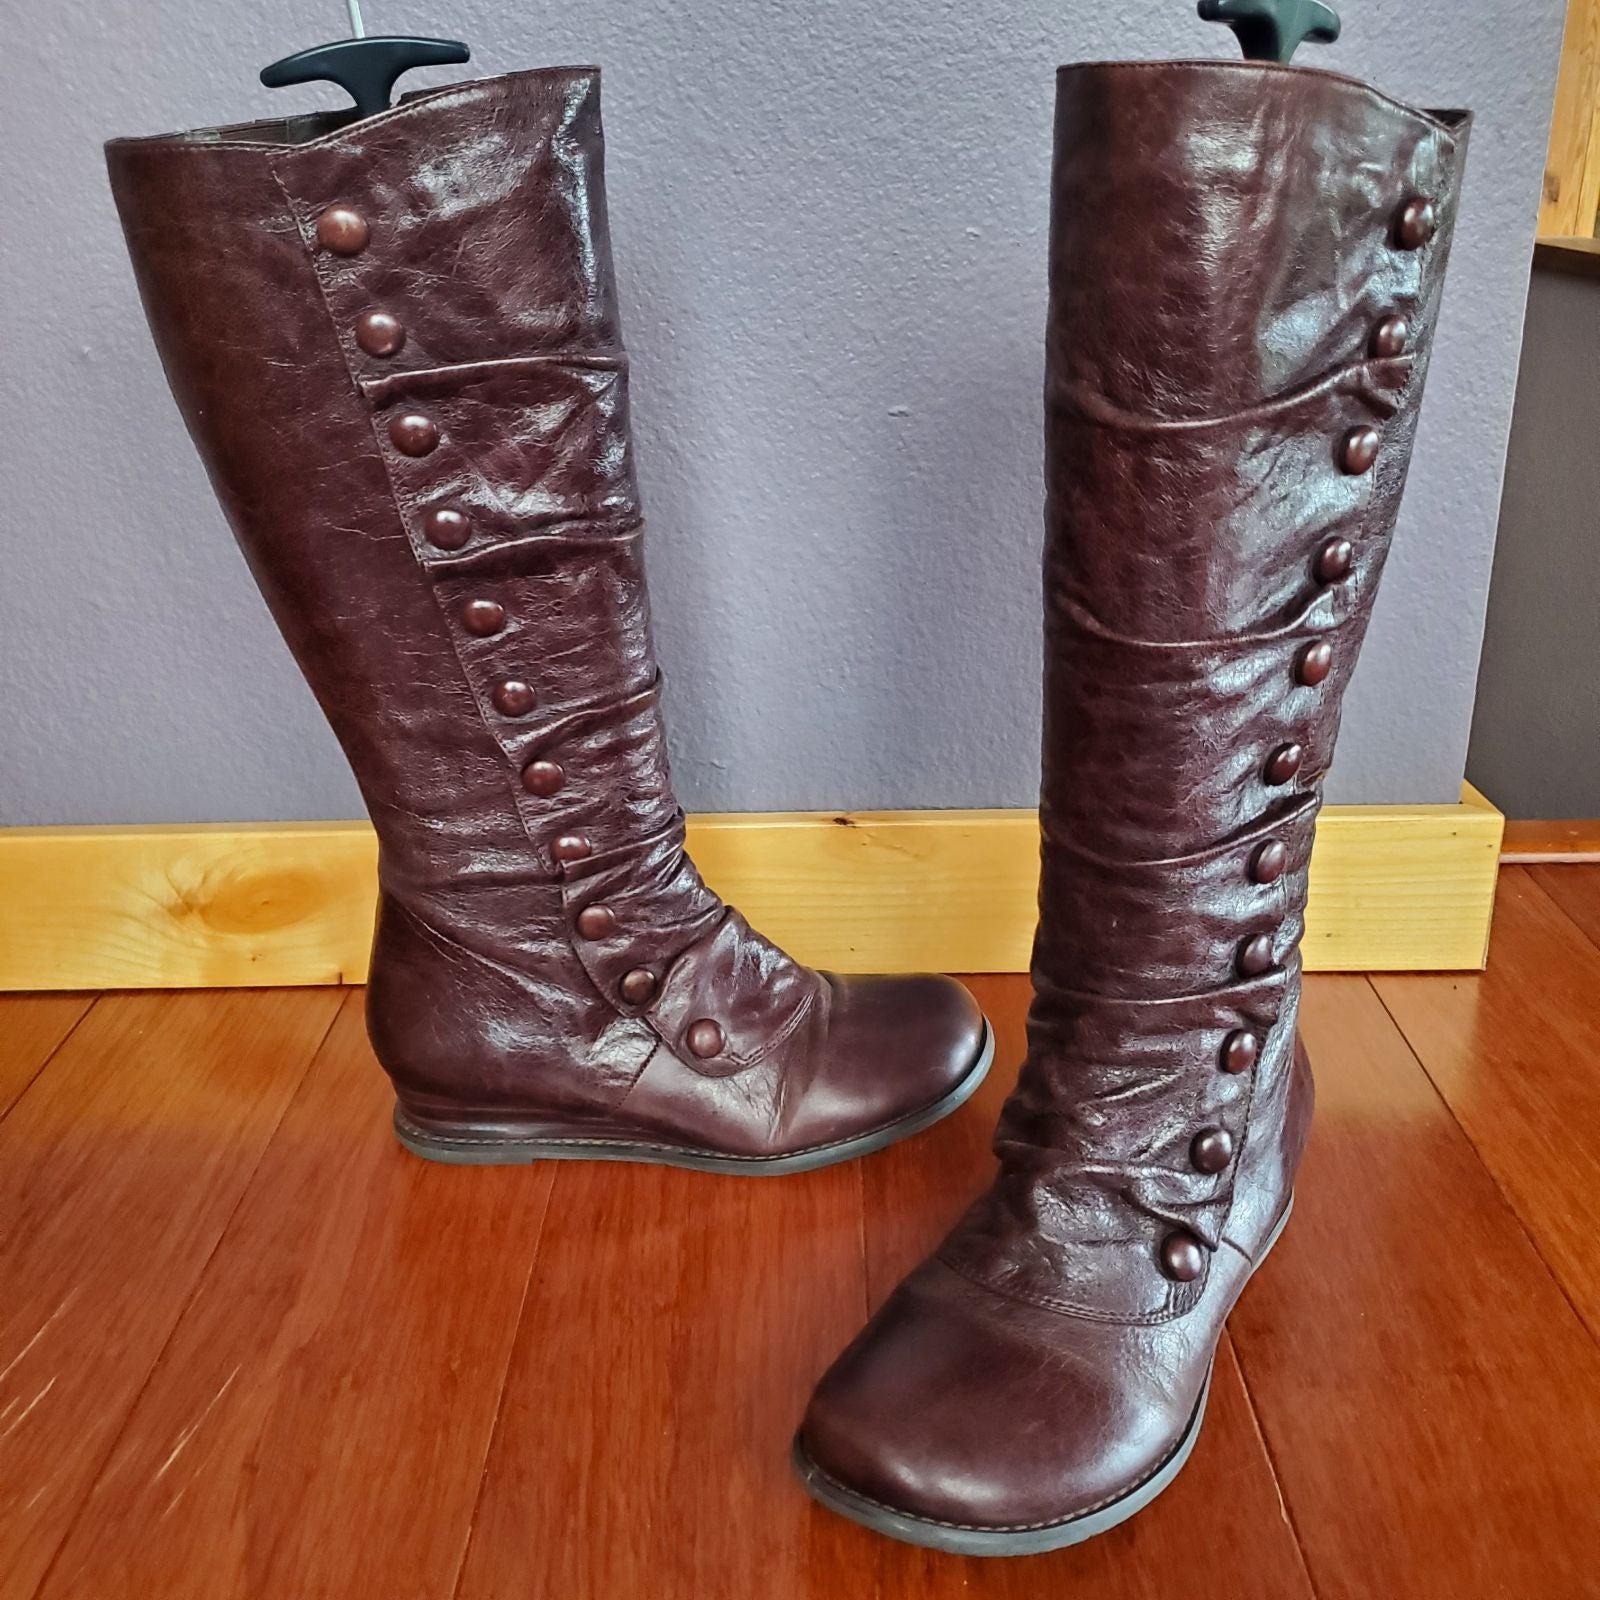 Miz Mooz Bloom Knee High Boots